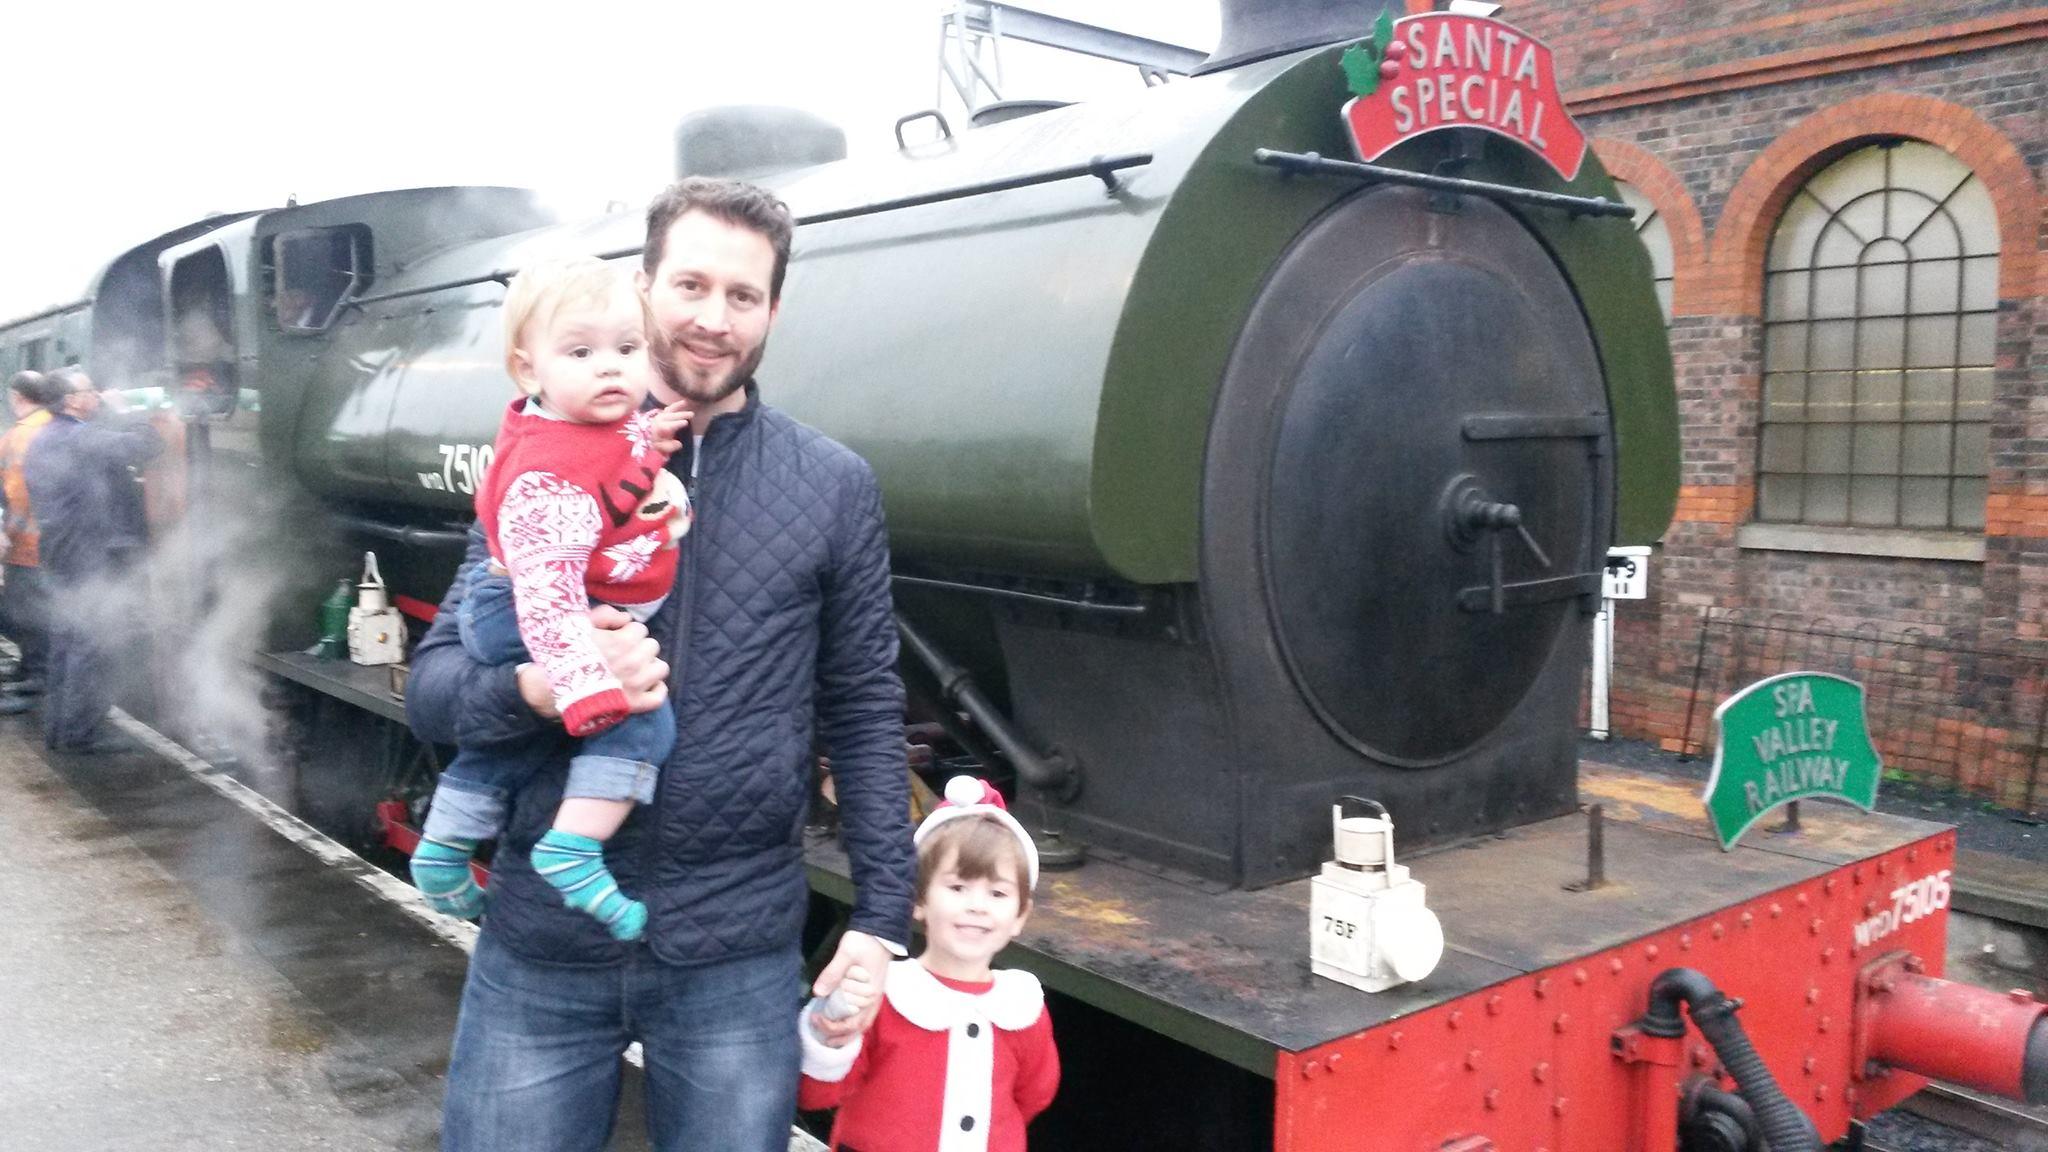 Spa Valley Railway's Santa Specials